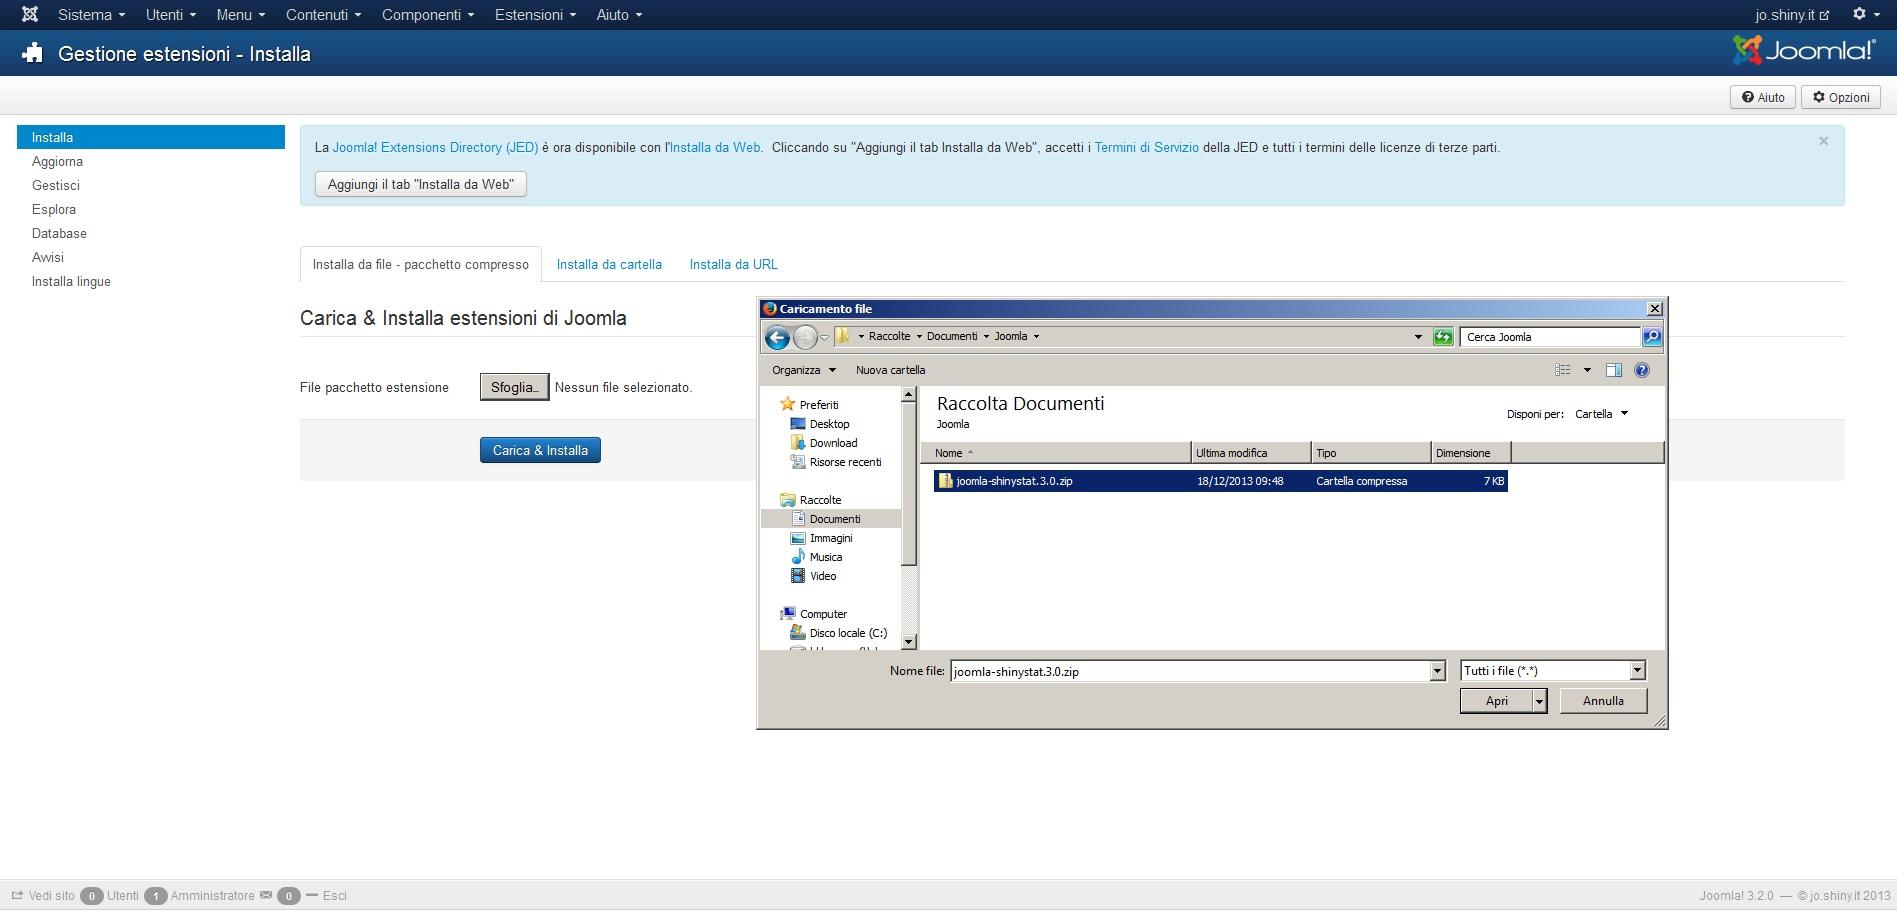 Installare il plugin di ShinyStat per la versione 3.x di Joomla (3.0 o superiore)